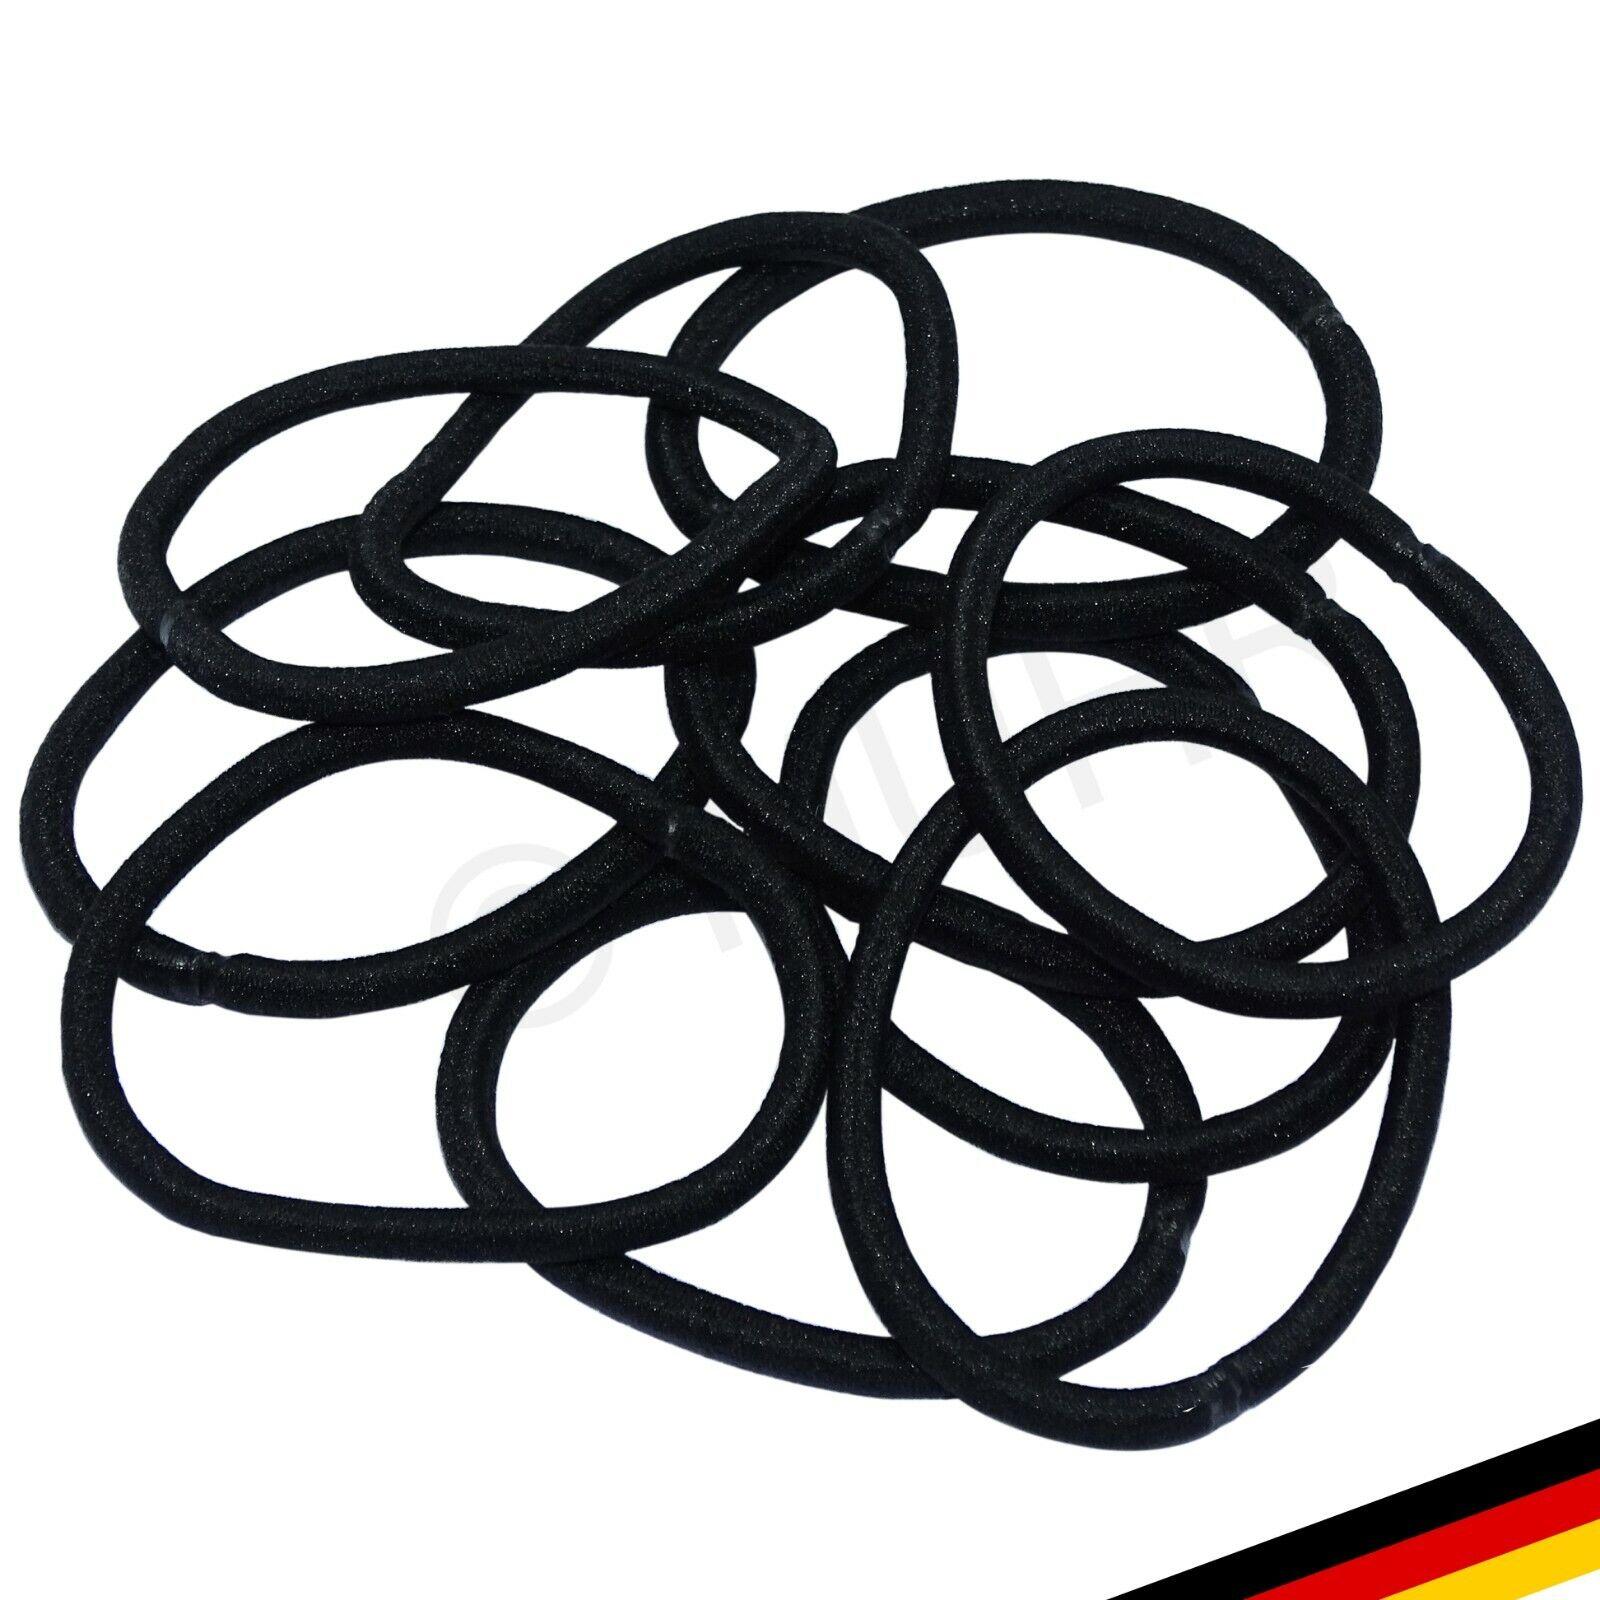 10x Haargummis schwarz 4mm/50mm elastisch Haarzopf Gummiband Pferdeschwanz